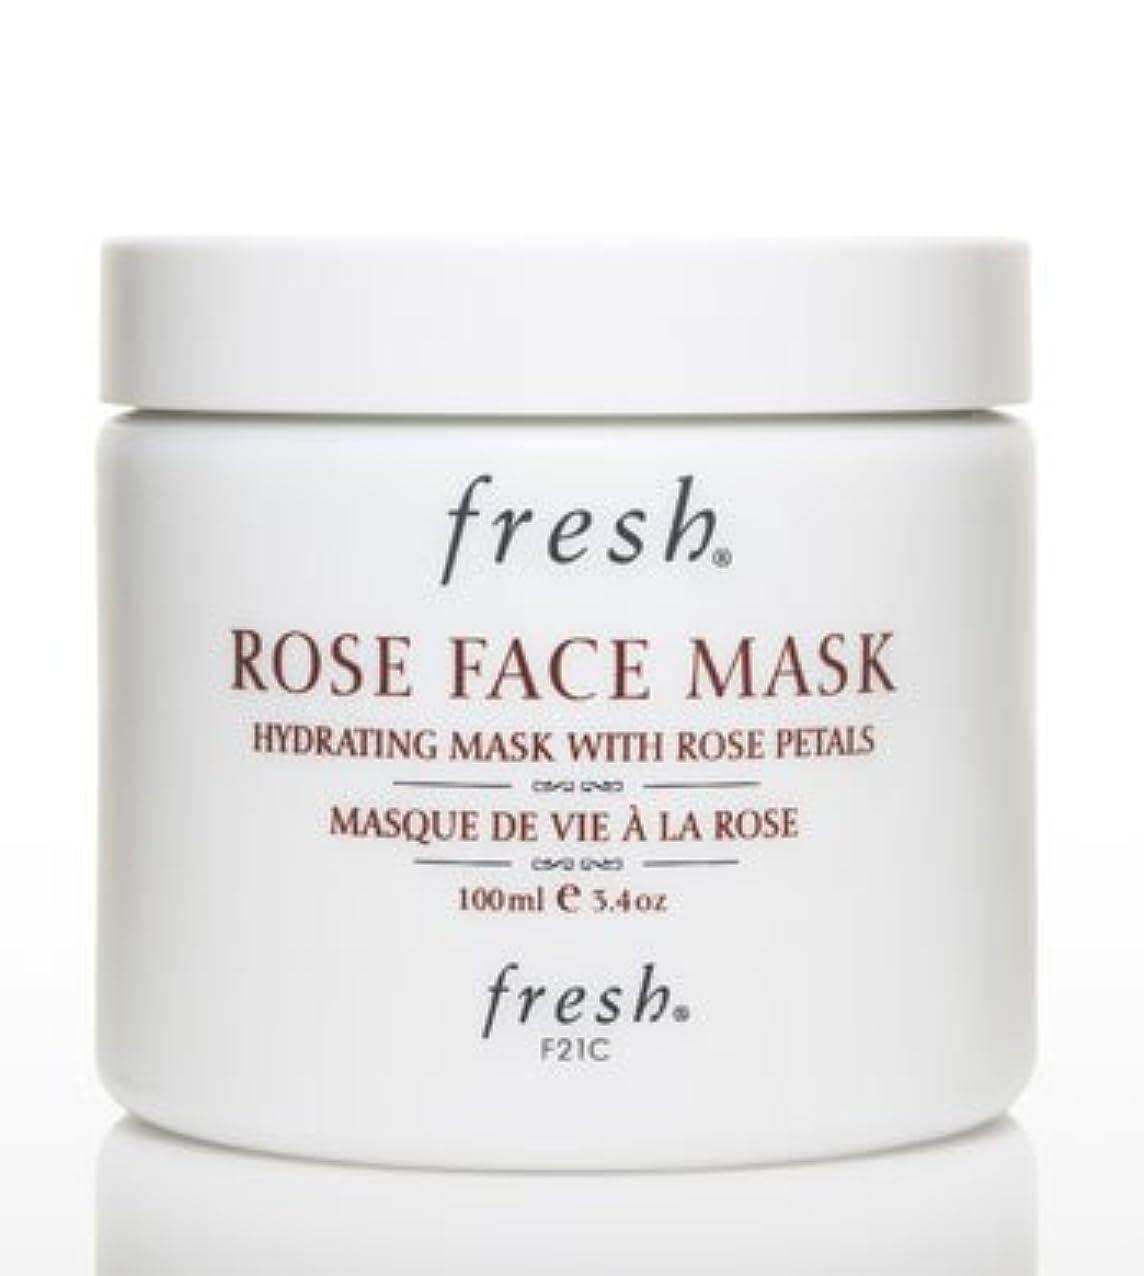 ベルファーザーファージュ植物のFresh ROSE FACE MASK (フレッシュ ローズフェイスマスク) 3.4 oz (100g) by Fresh for Women